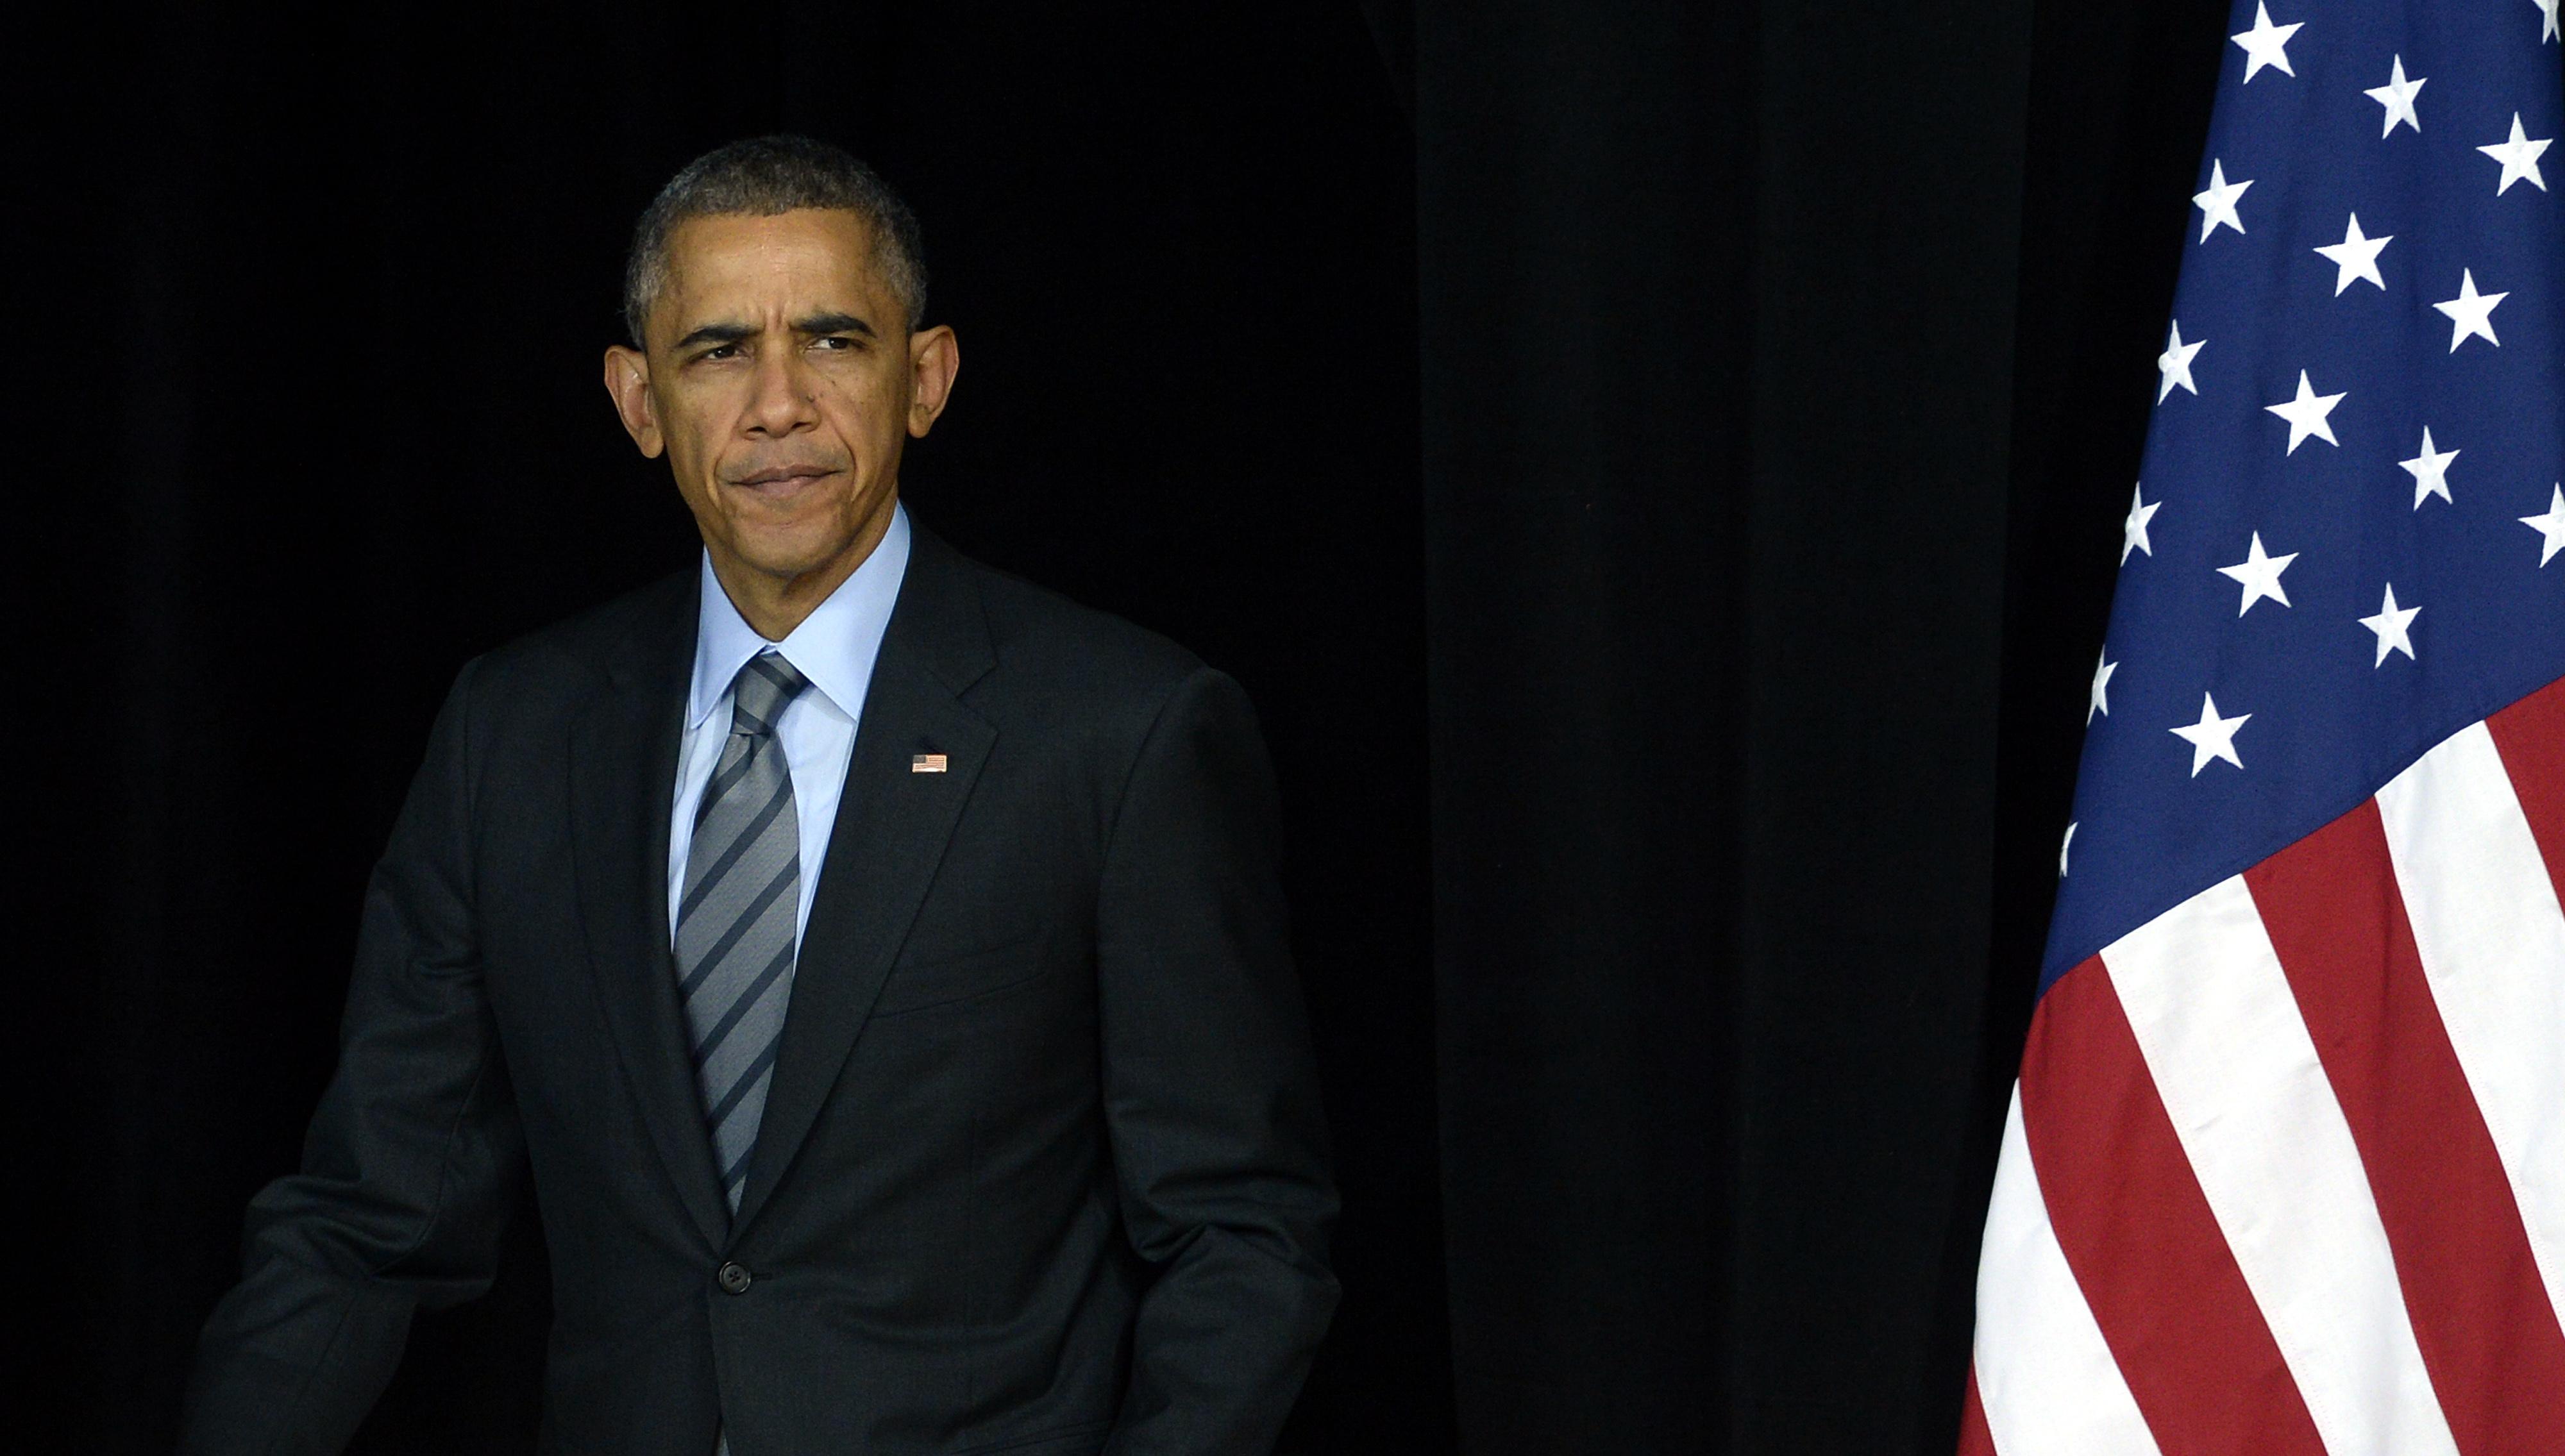 President Barack Obama at the Del Sol High School in Las Vegas, Nov. 21 2014.